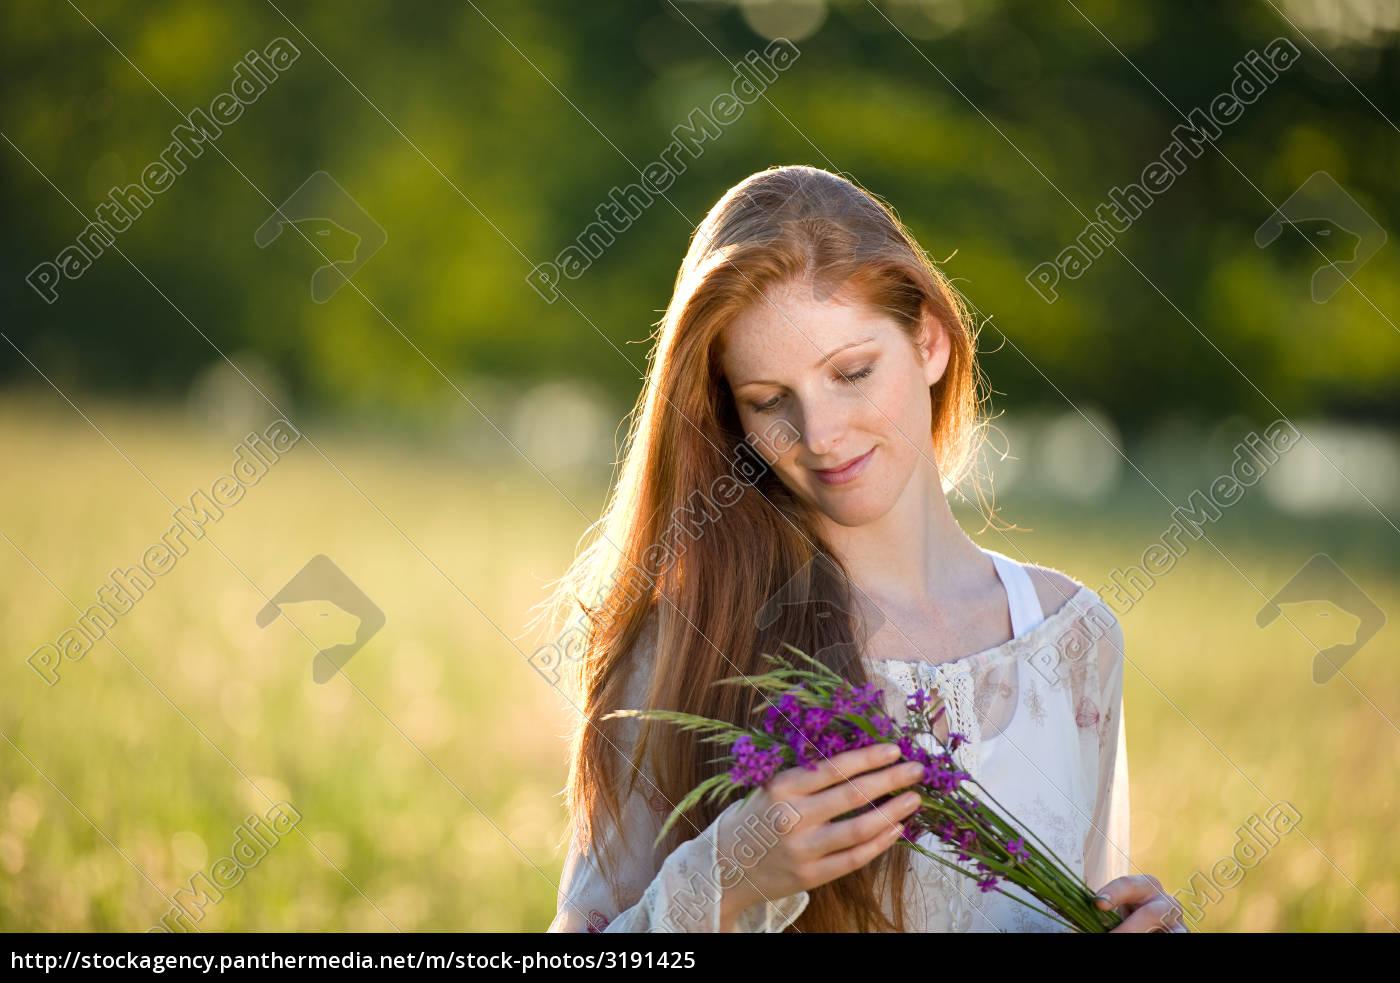 Lizenzfreies Bild 3191425 Lange Rote Haare Frau In Romantischen Sonnenuntergang Wiese